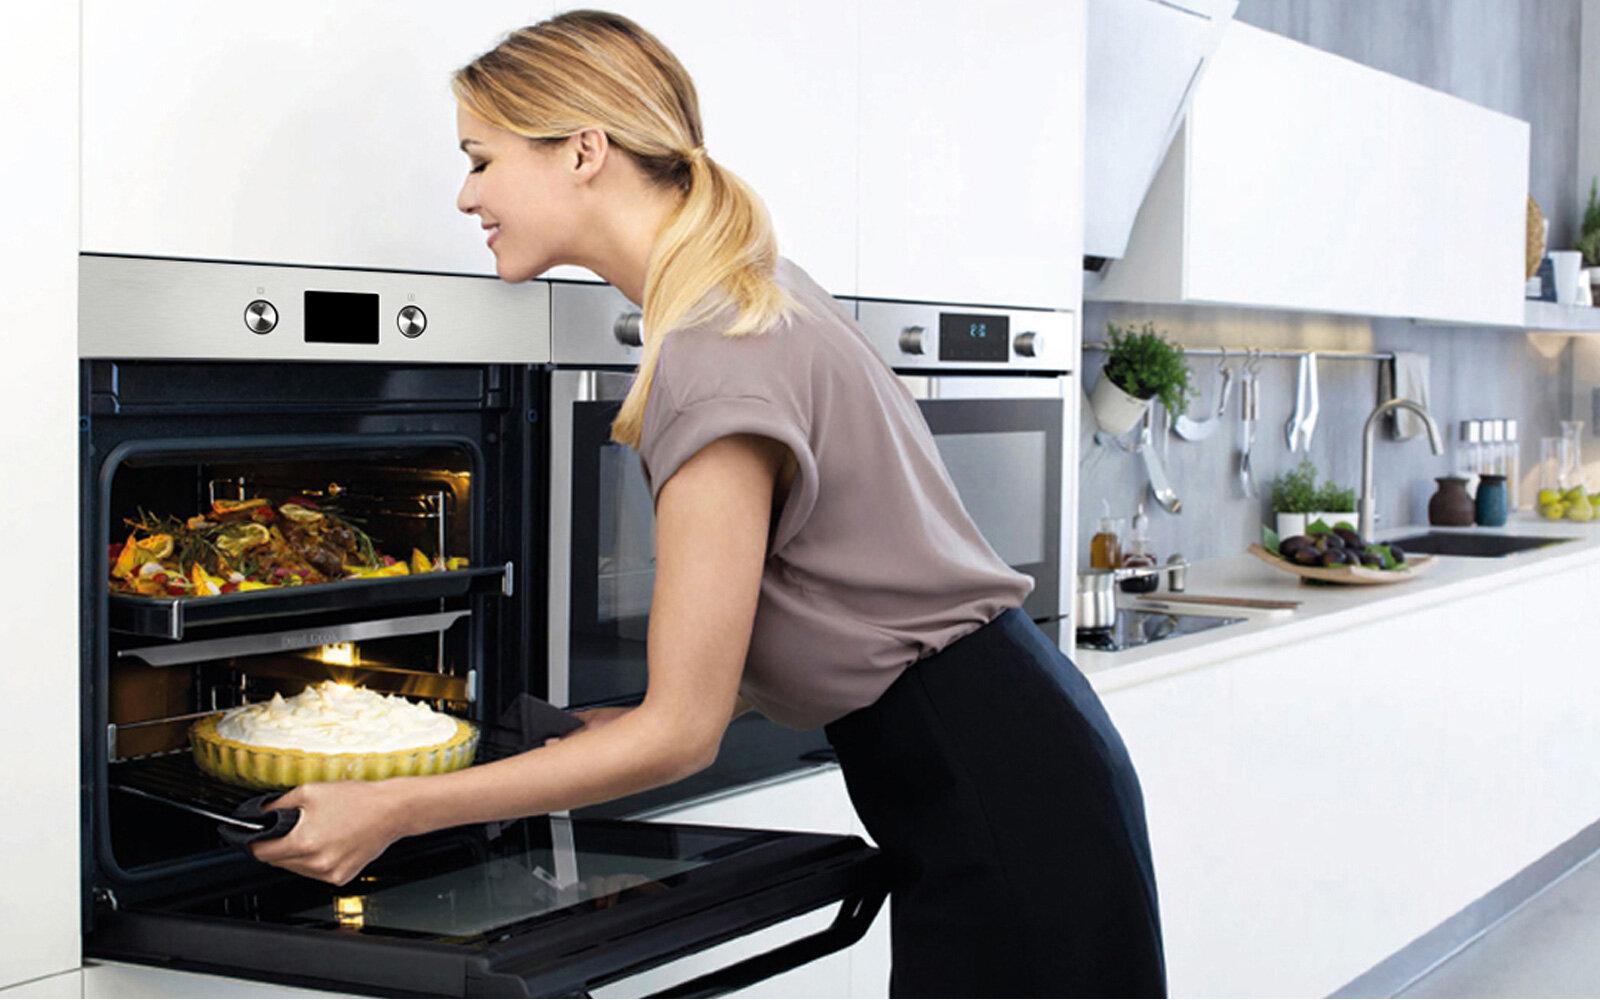 Chế độ nướng thức ăn kết hợp nấu vi sóng